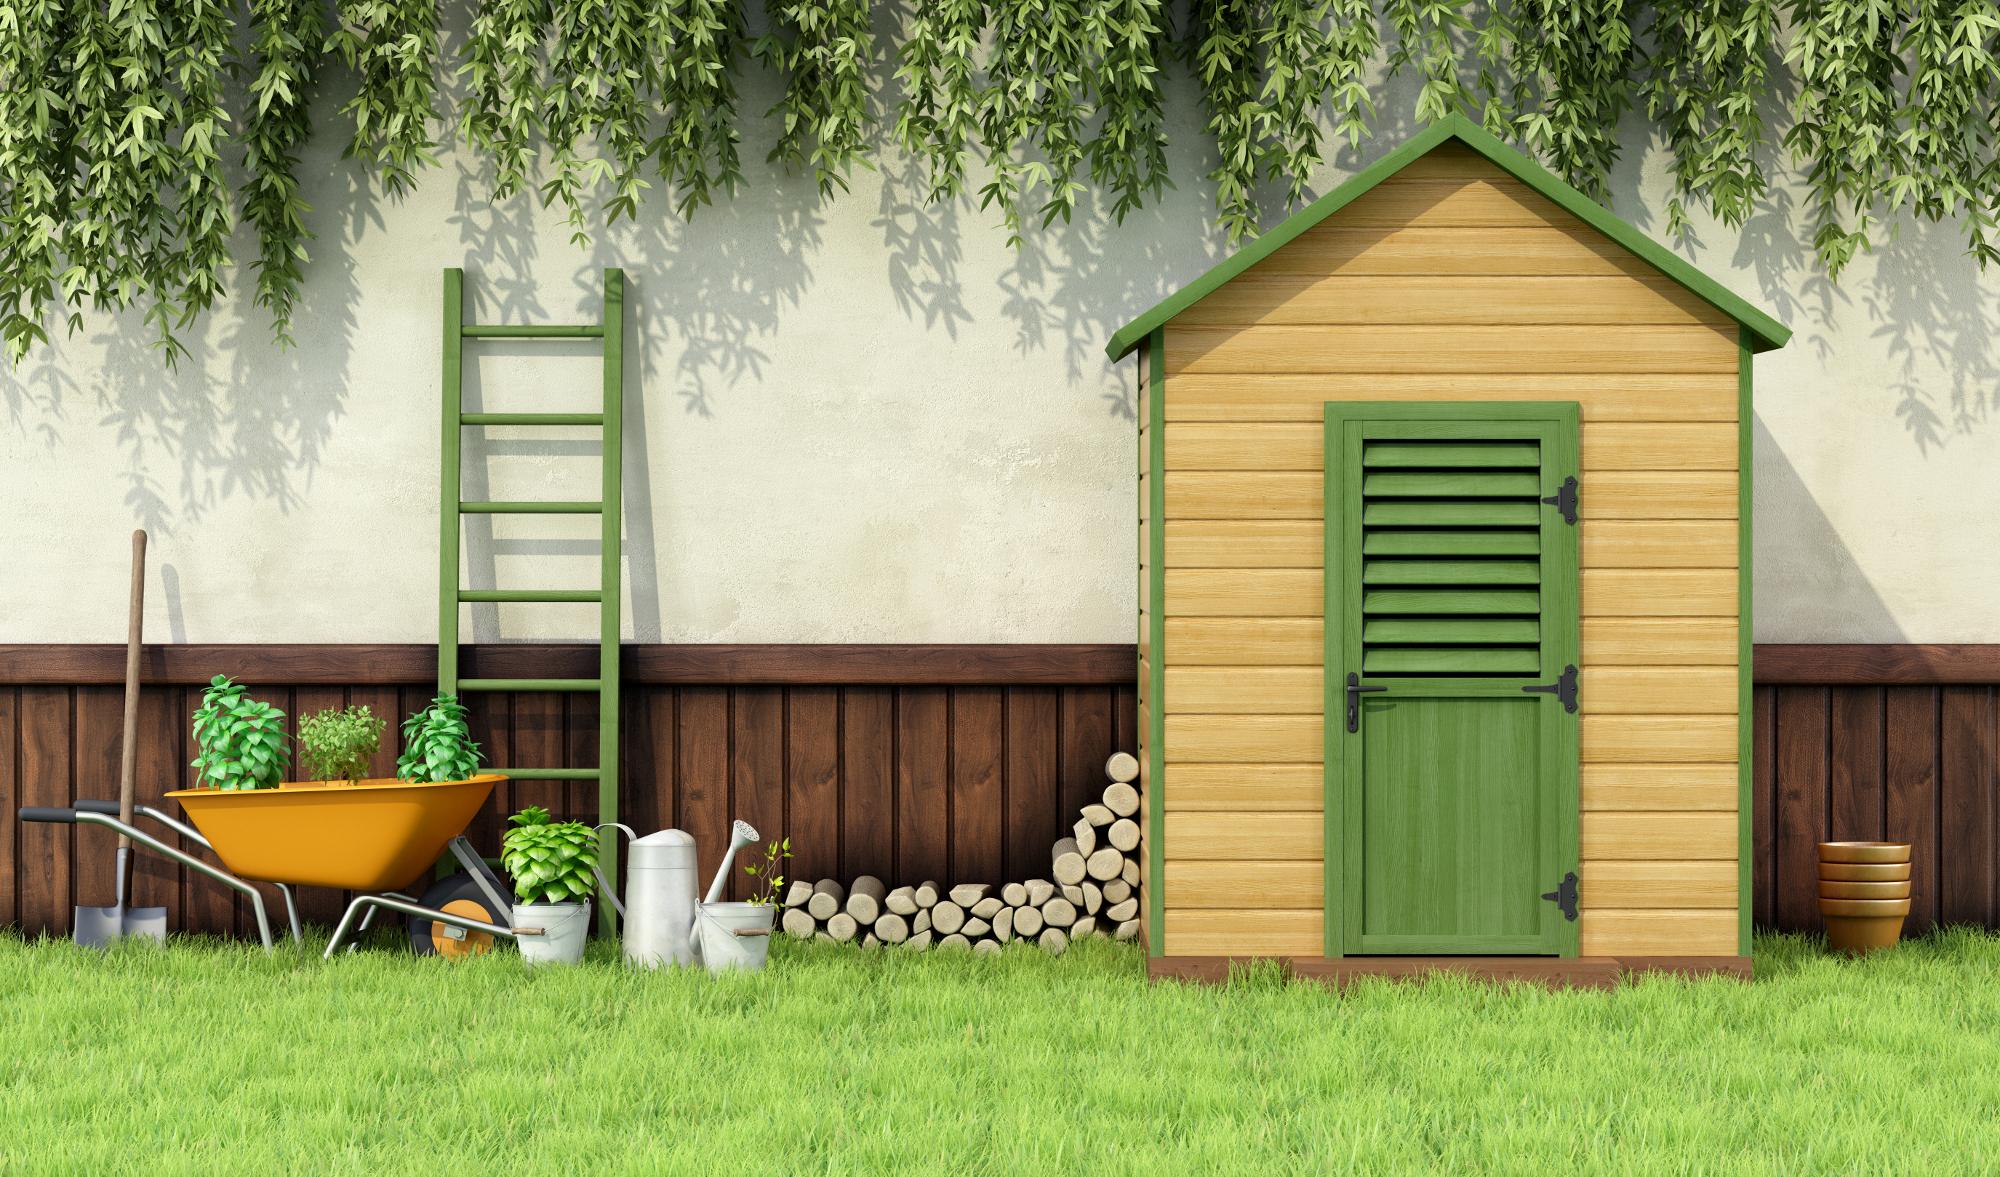 gartenhaus-selber-bauen